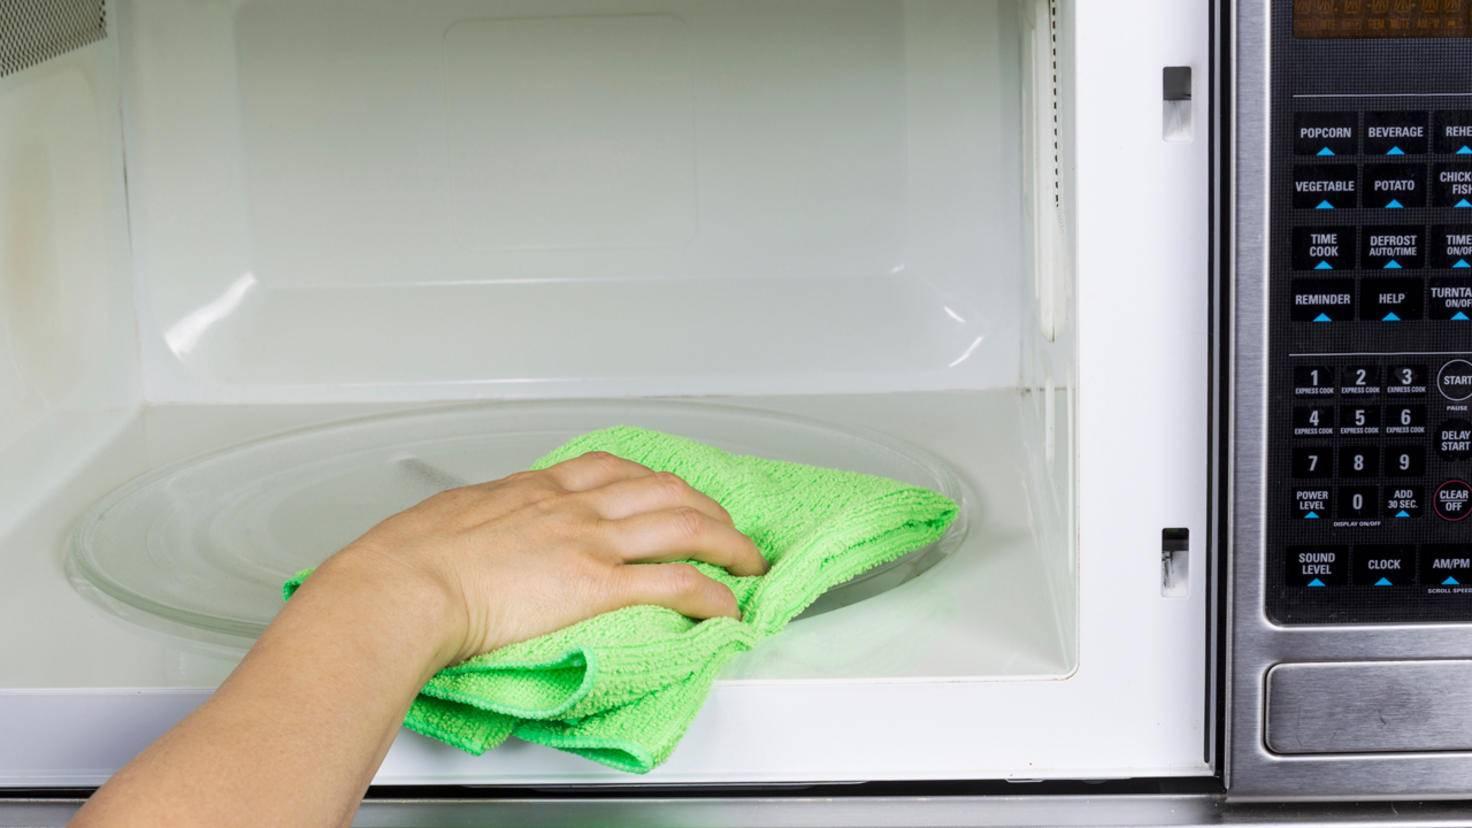 Mit ein paar Hausmitteln bekommst Du die Mikrowelle im Handumdrehen wieder sauber.